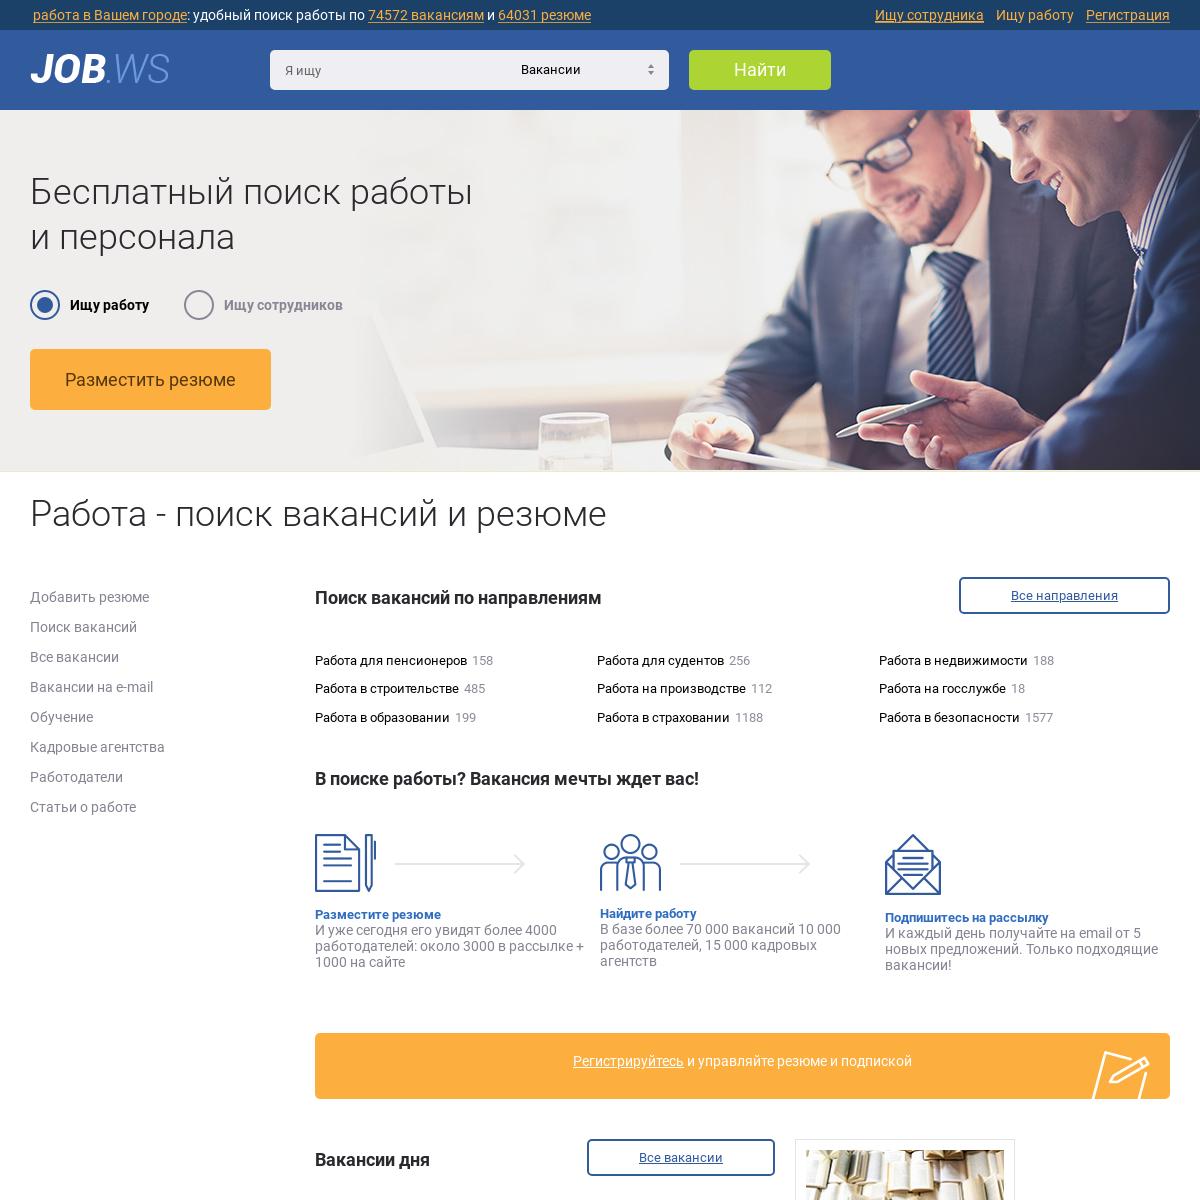 Работа JOB.ws- вакансии и резюме поиск работы.